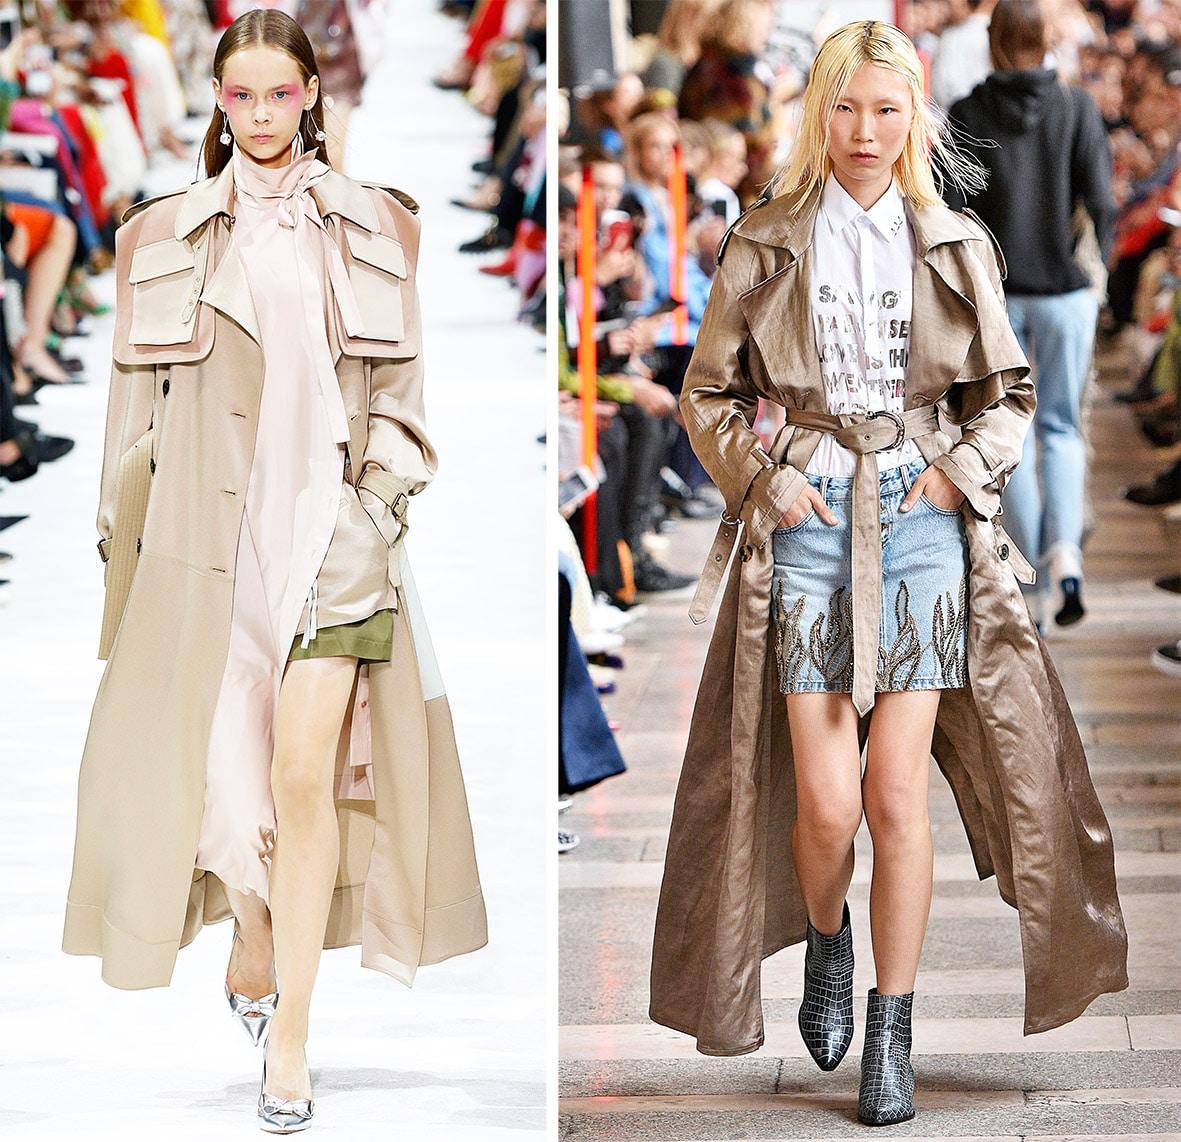 Das Foto zeigt Models auf dem Catwalk die Trenchcoats tragen. Die Fotos dienen als Vorlage für den Mantel auf dem Schnittmuster